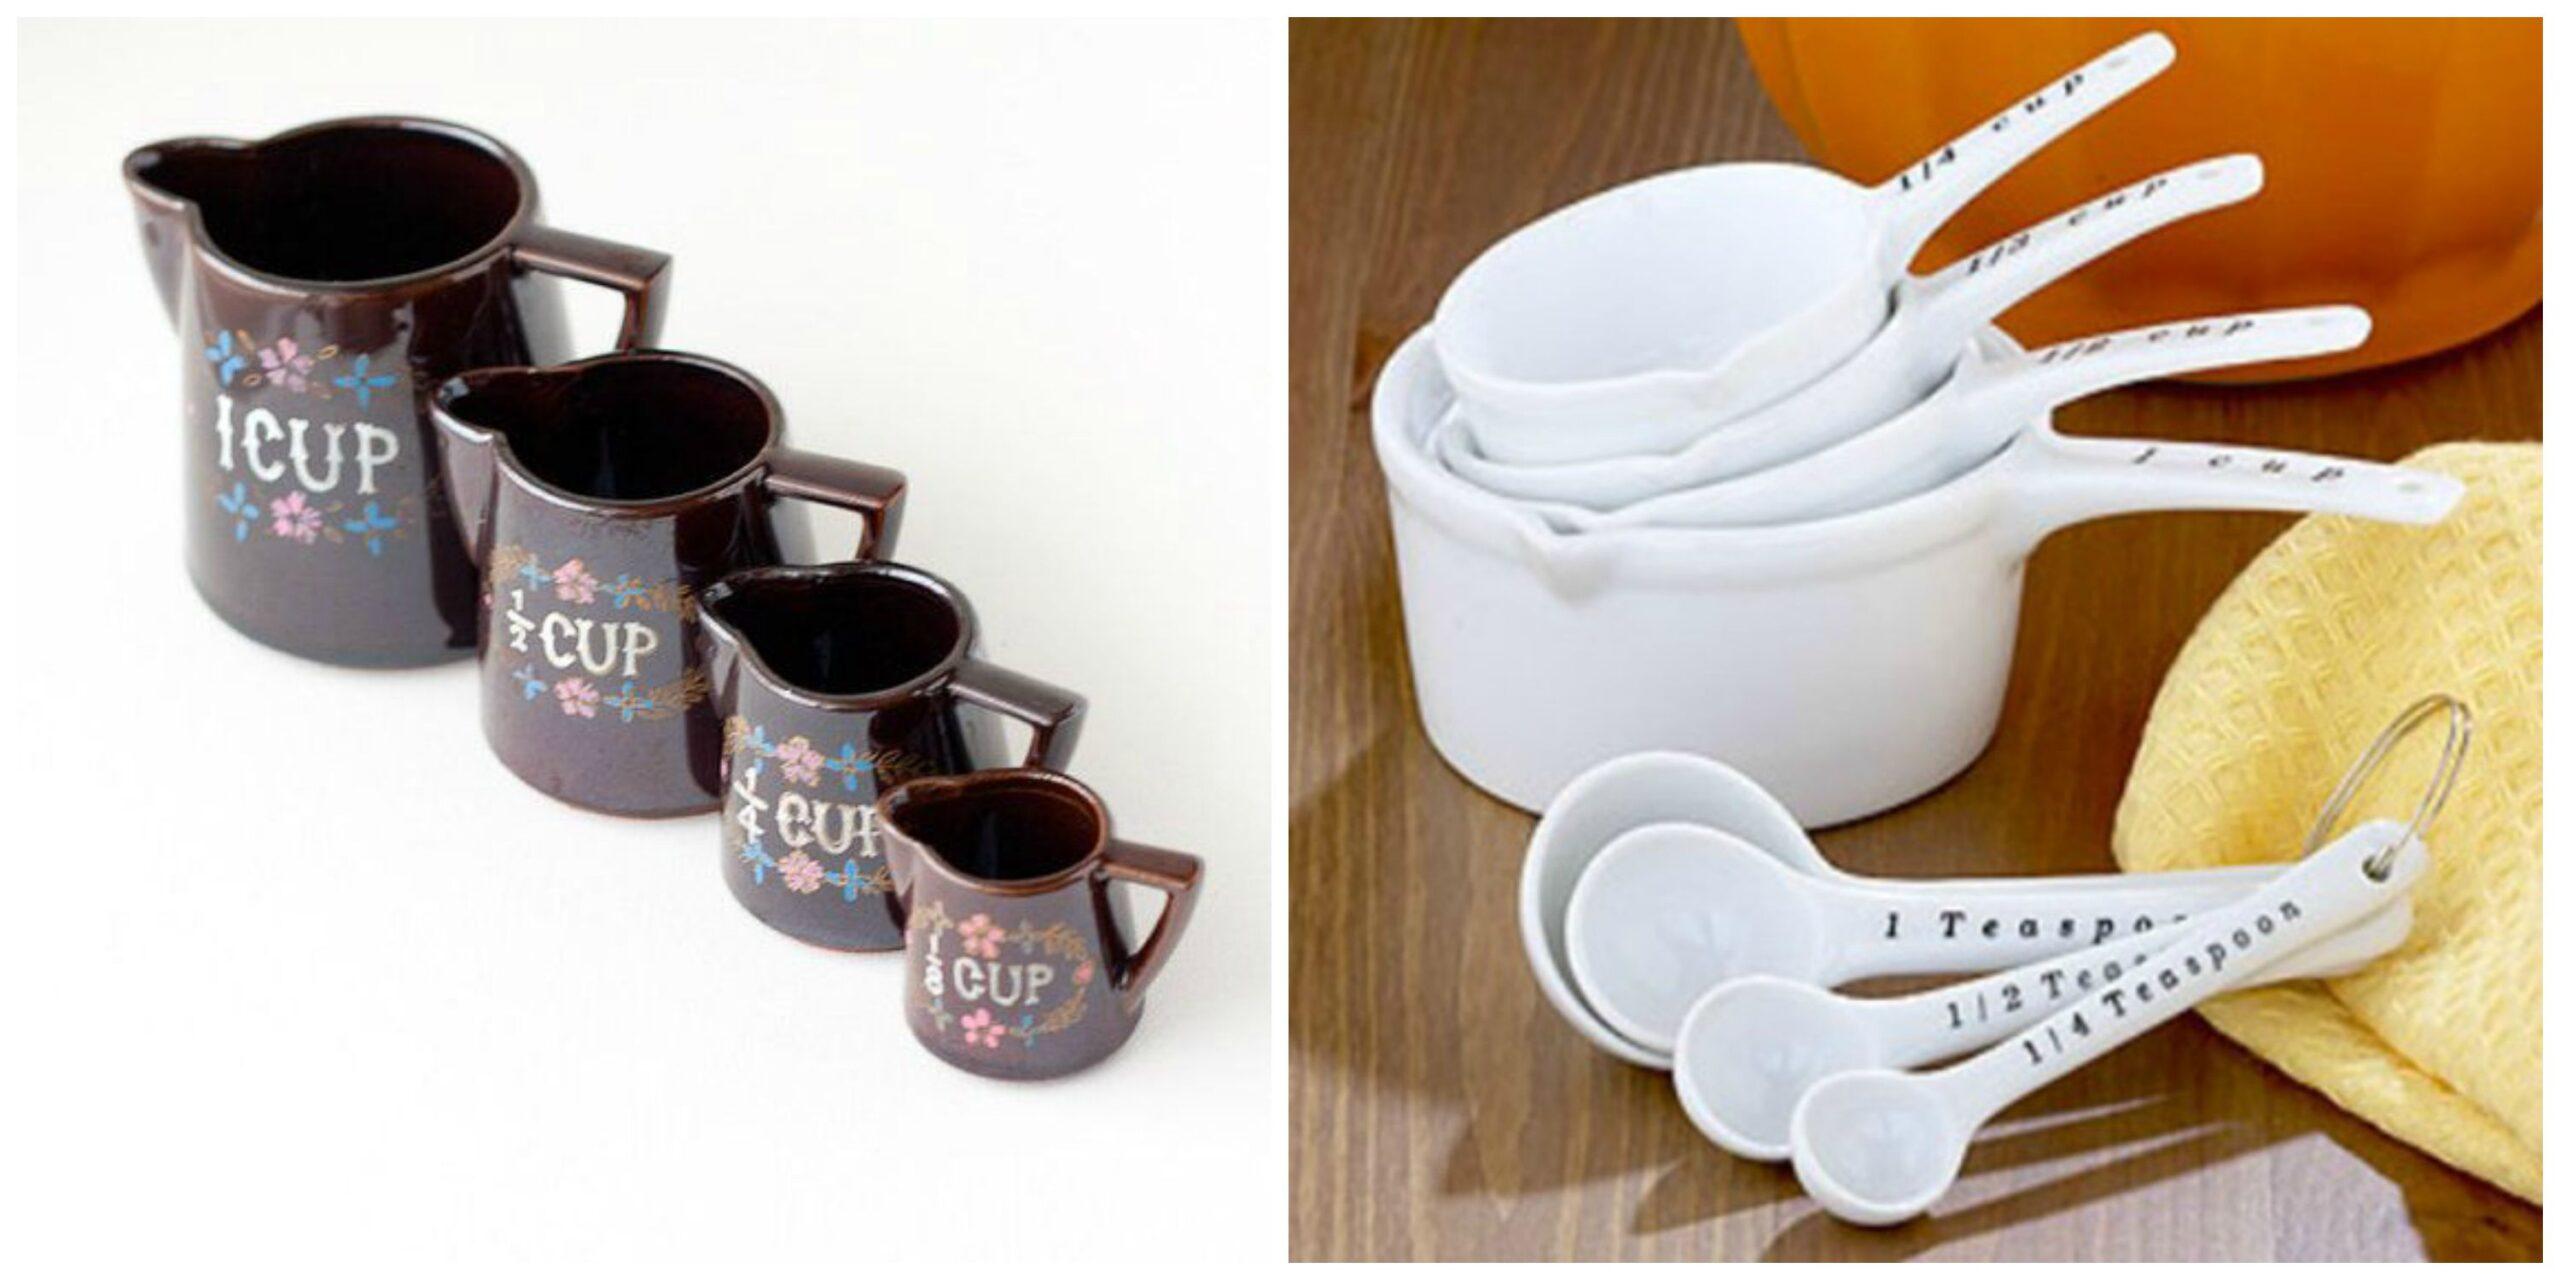 Dosi americane in cucina: a quanto equivale una tazza?